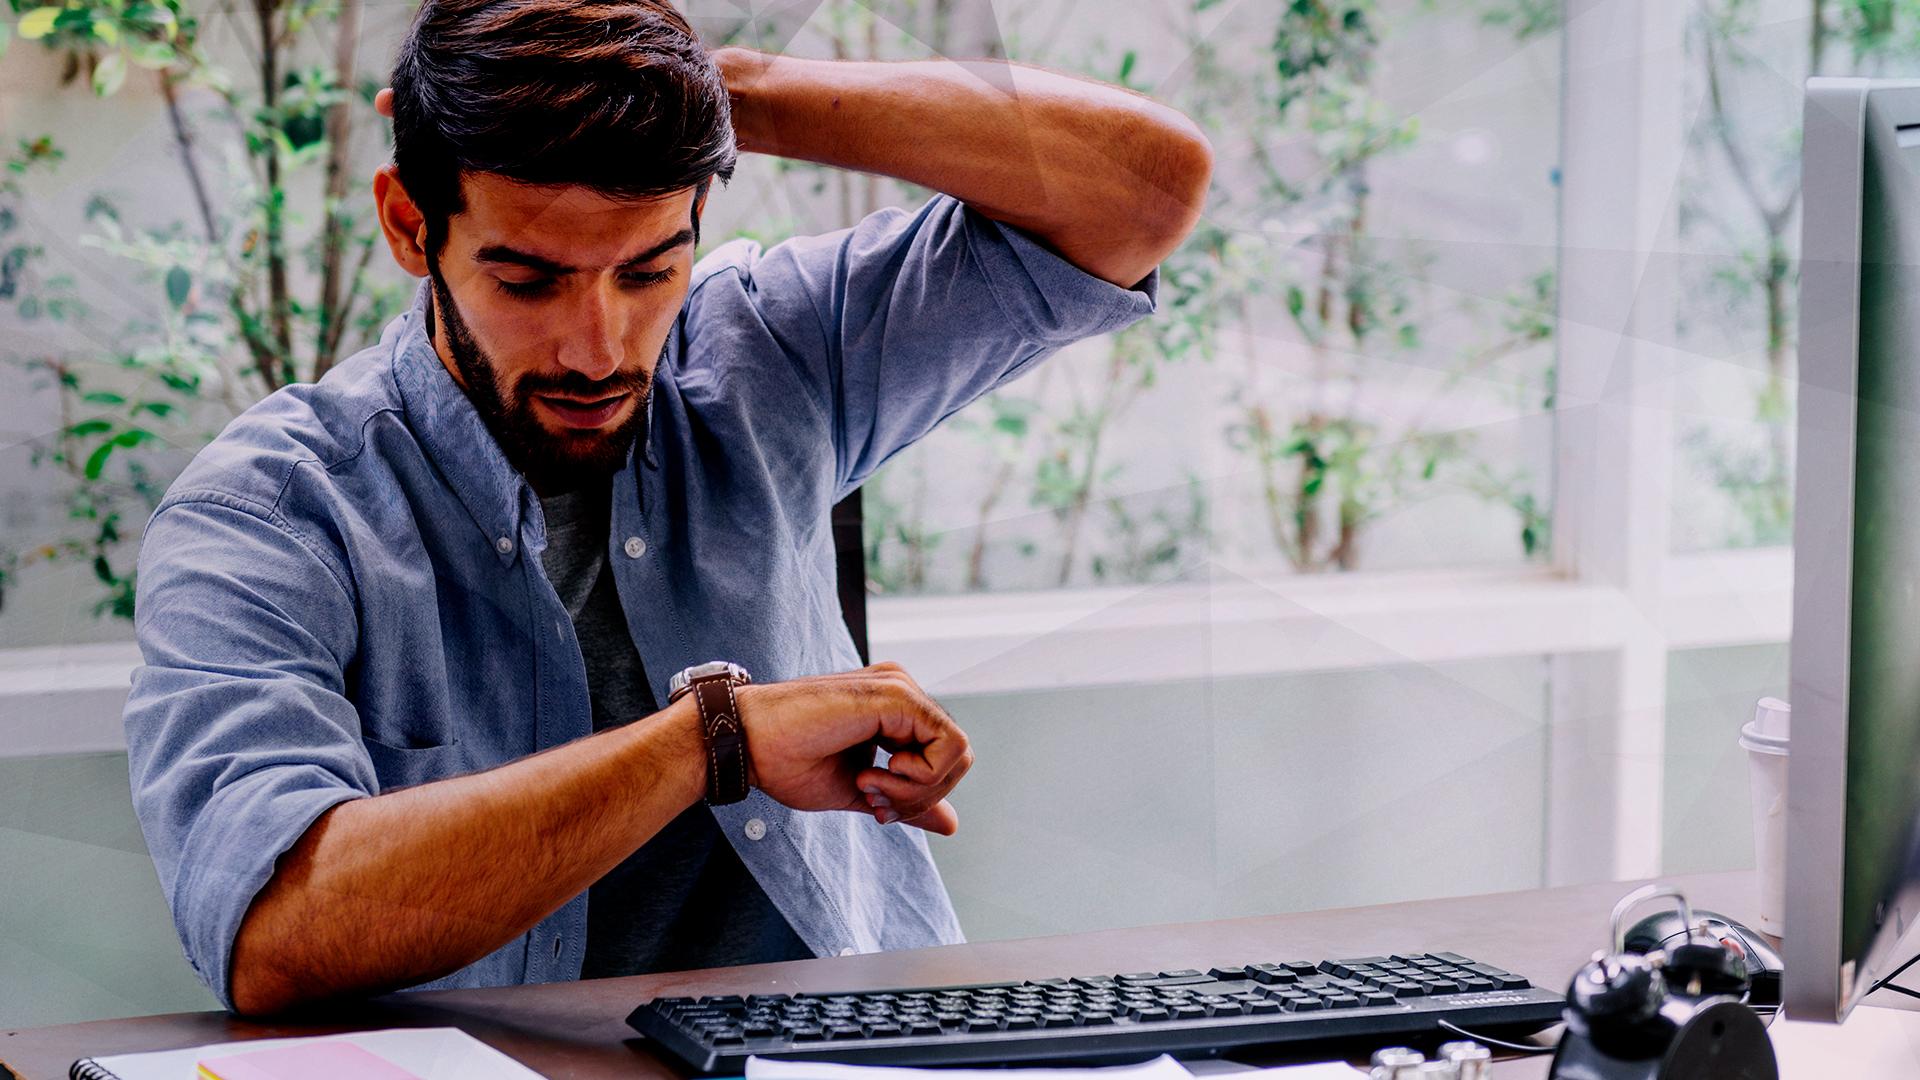 Büro, Arbeit, Arbeitsplatz, Menschen, Leute, Zeit, Schreibtisch, Arbeitszeit